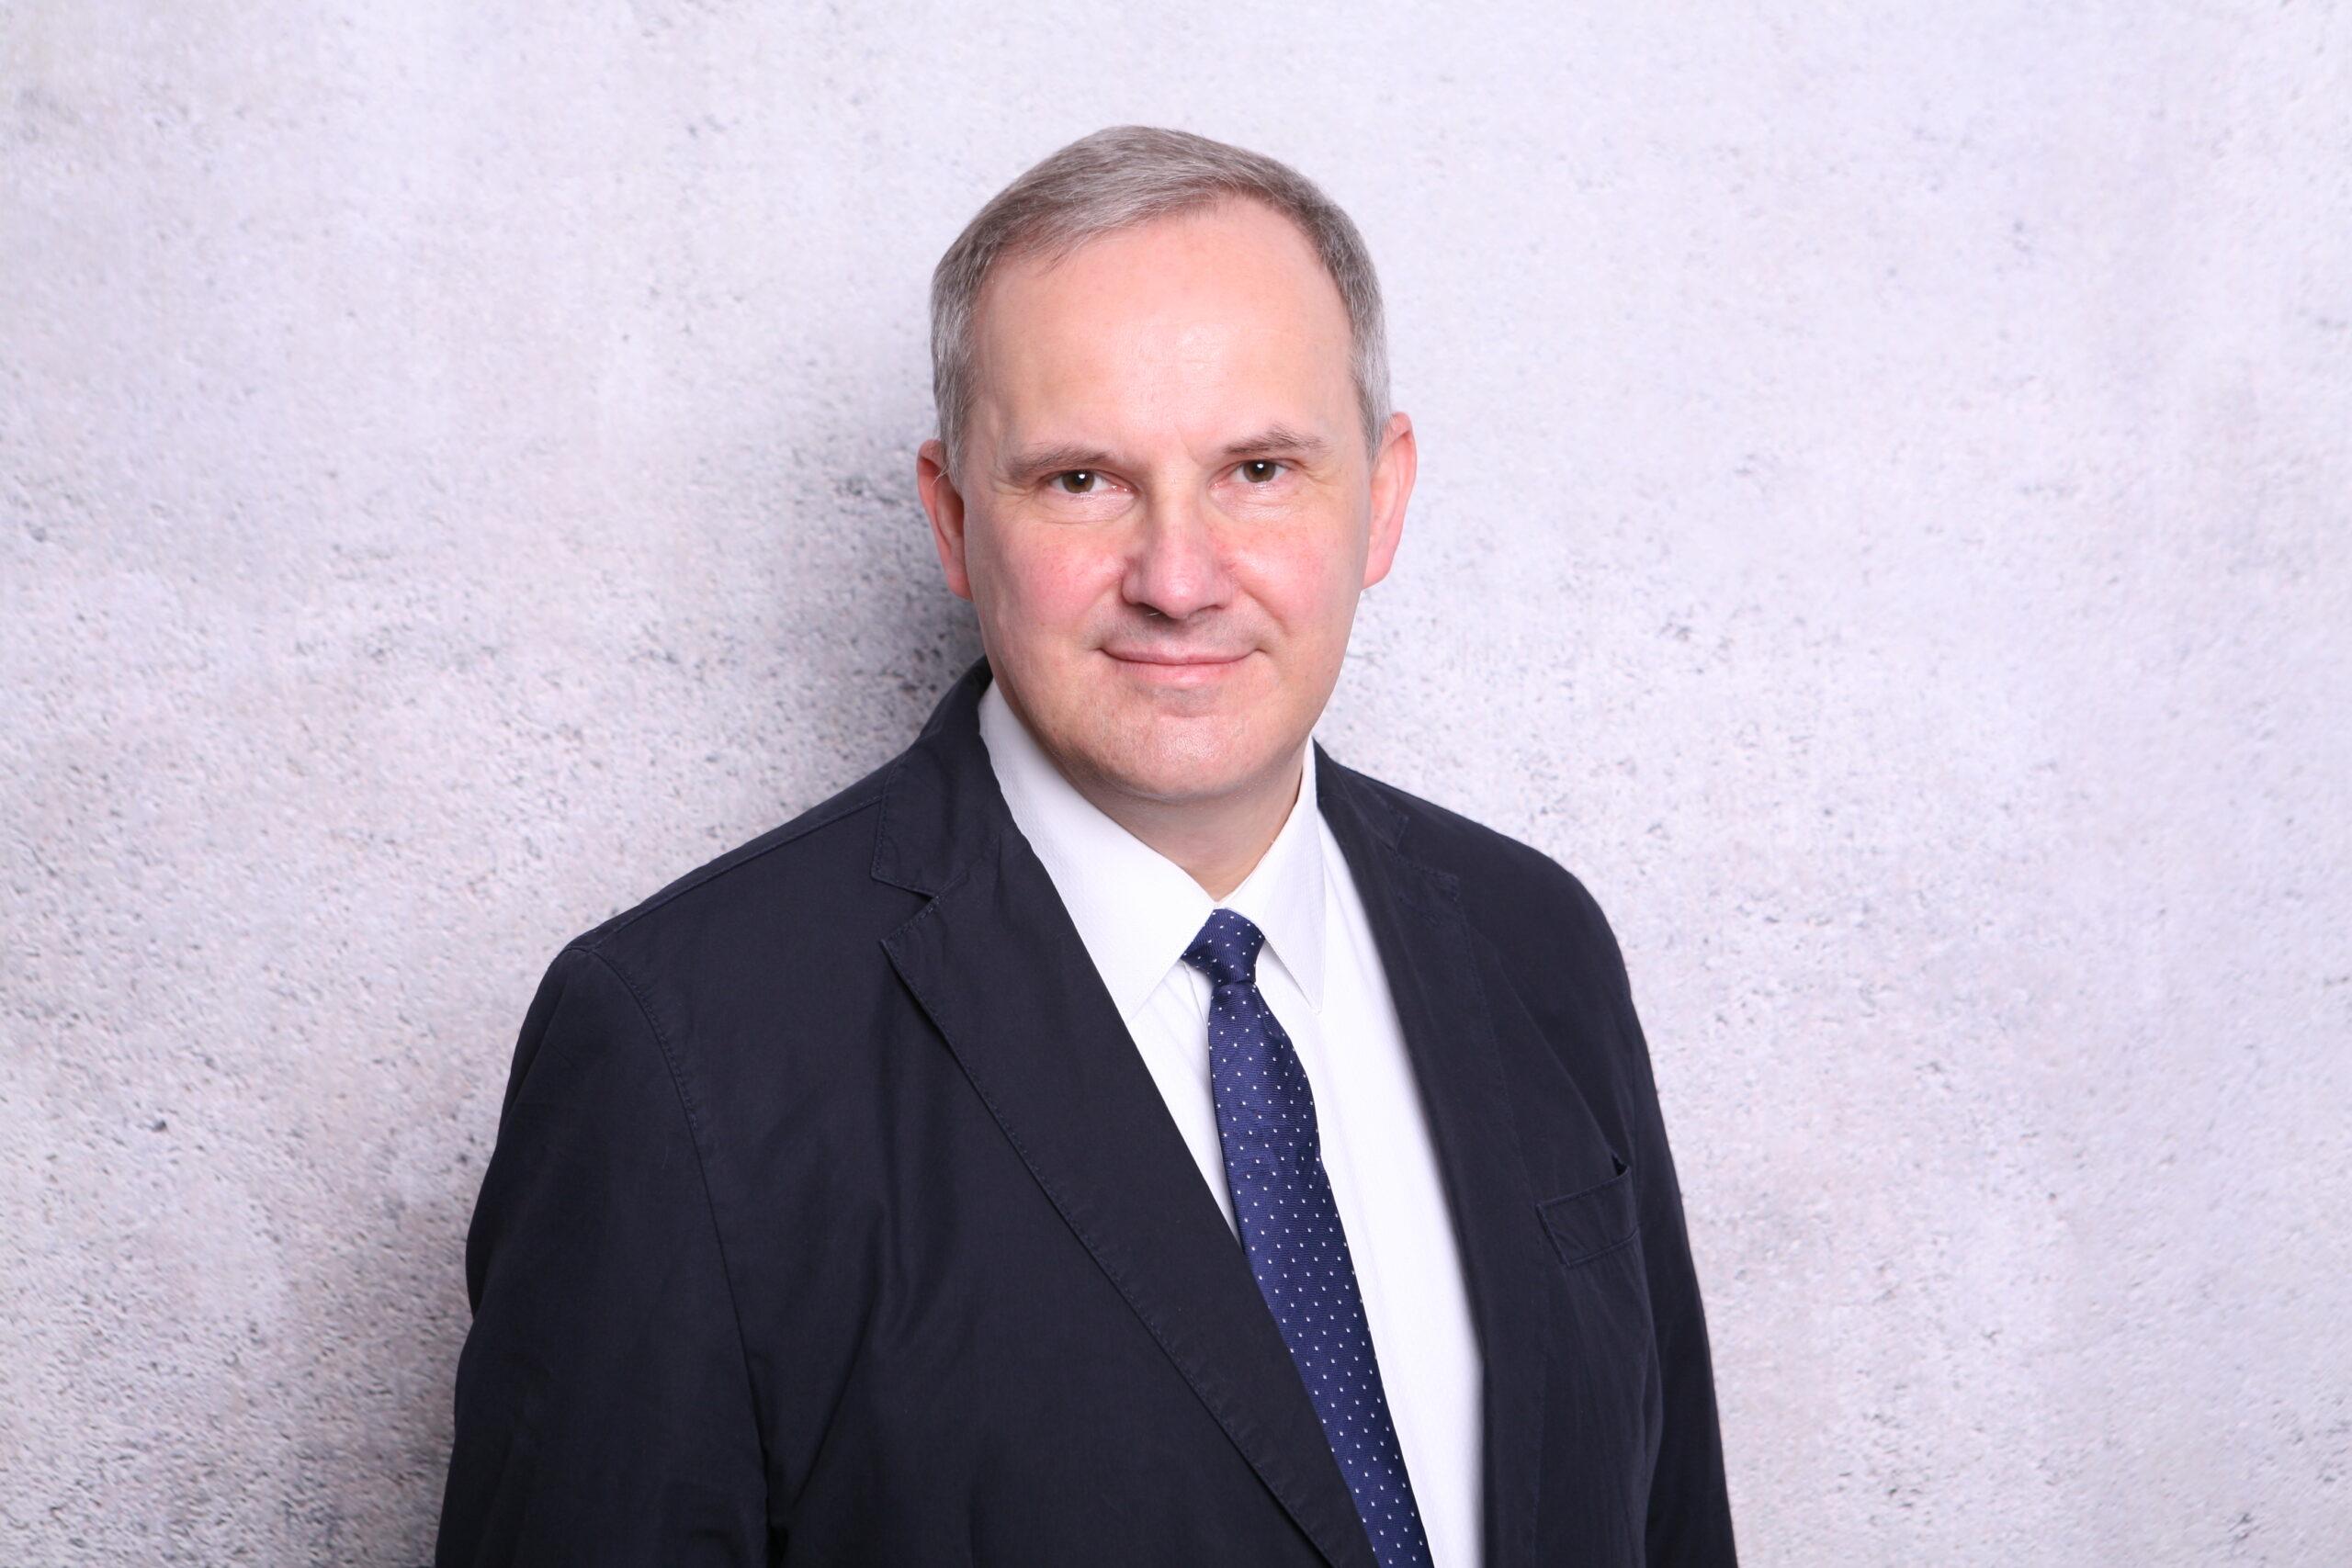 Holger Brau Immobilien - Büro in München - Verkauf, Vermietung, kostenlose Immobilienbewertung